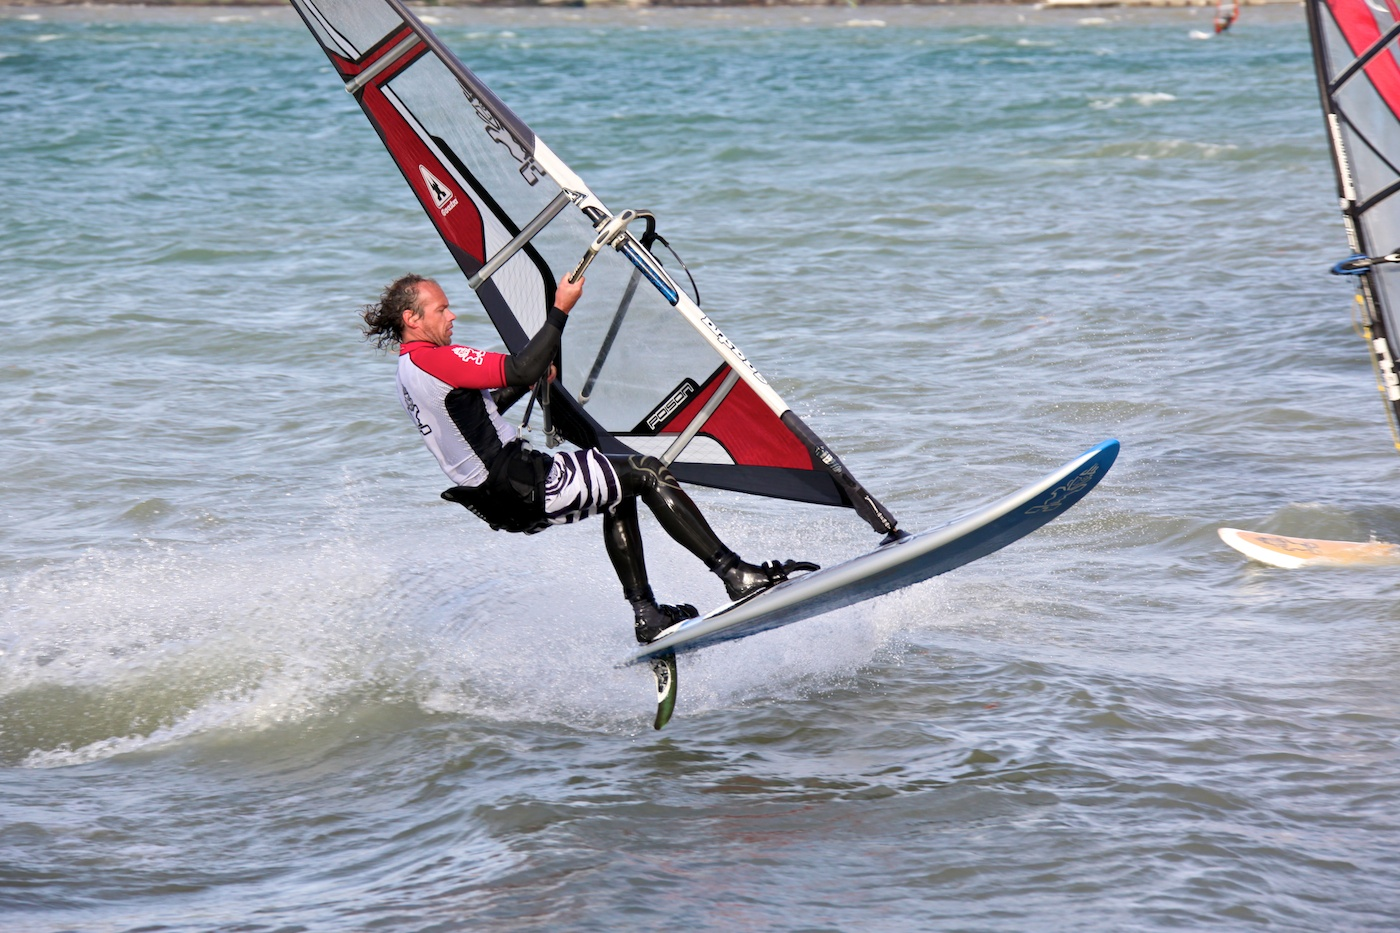 Surfjump